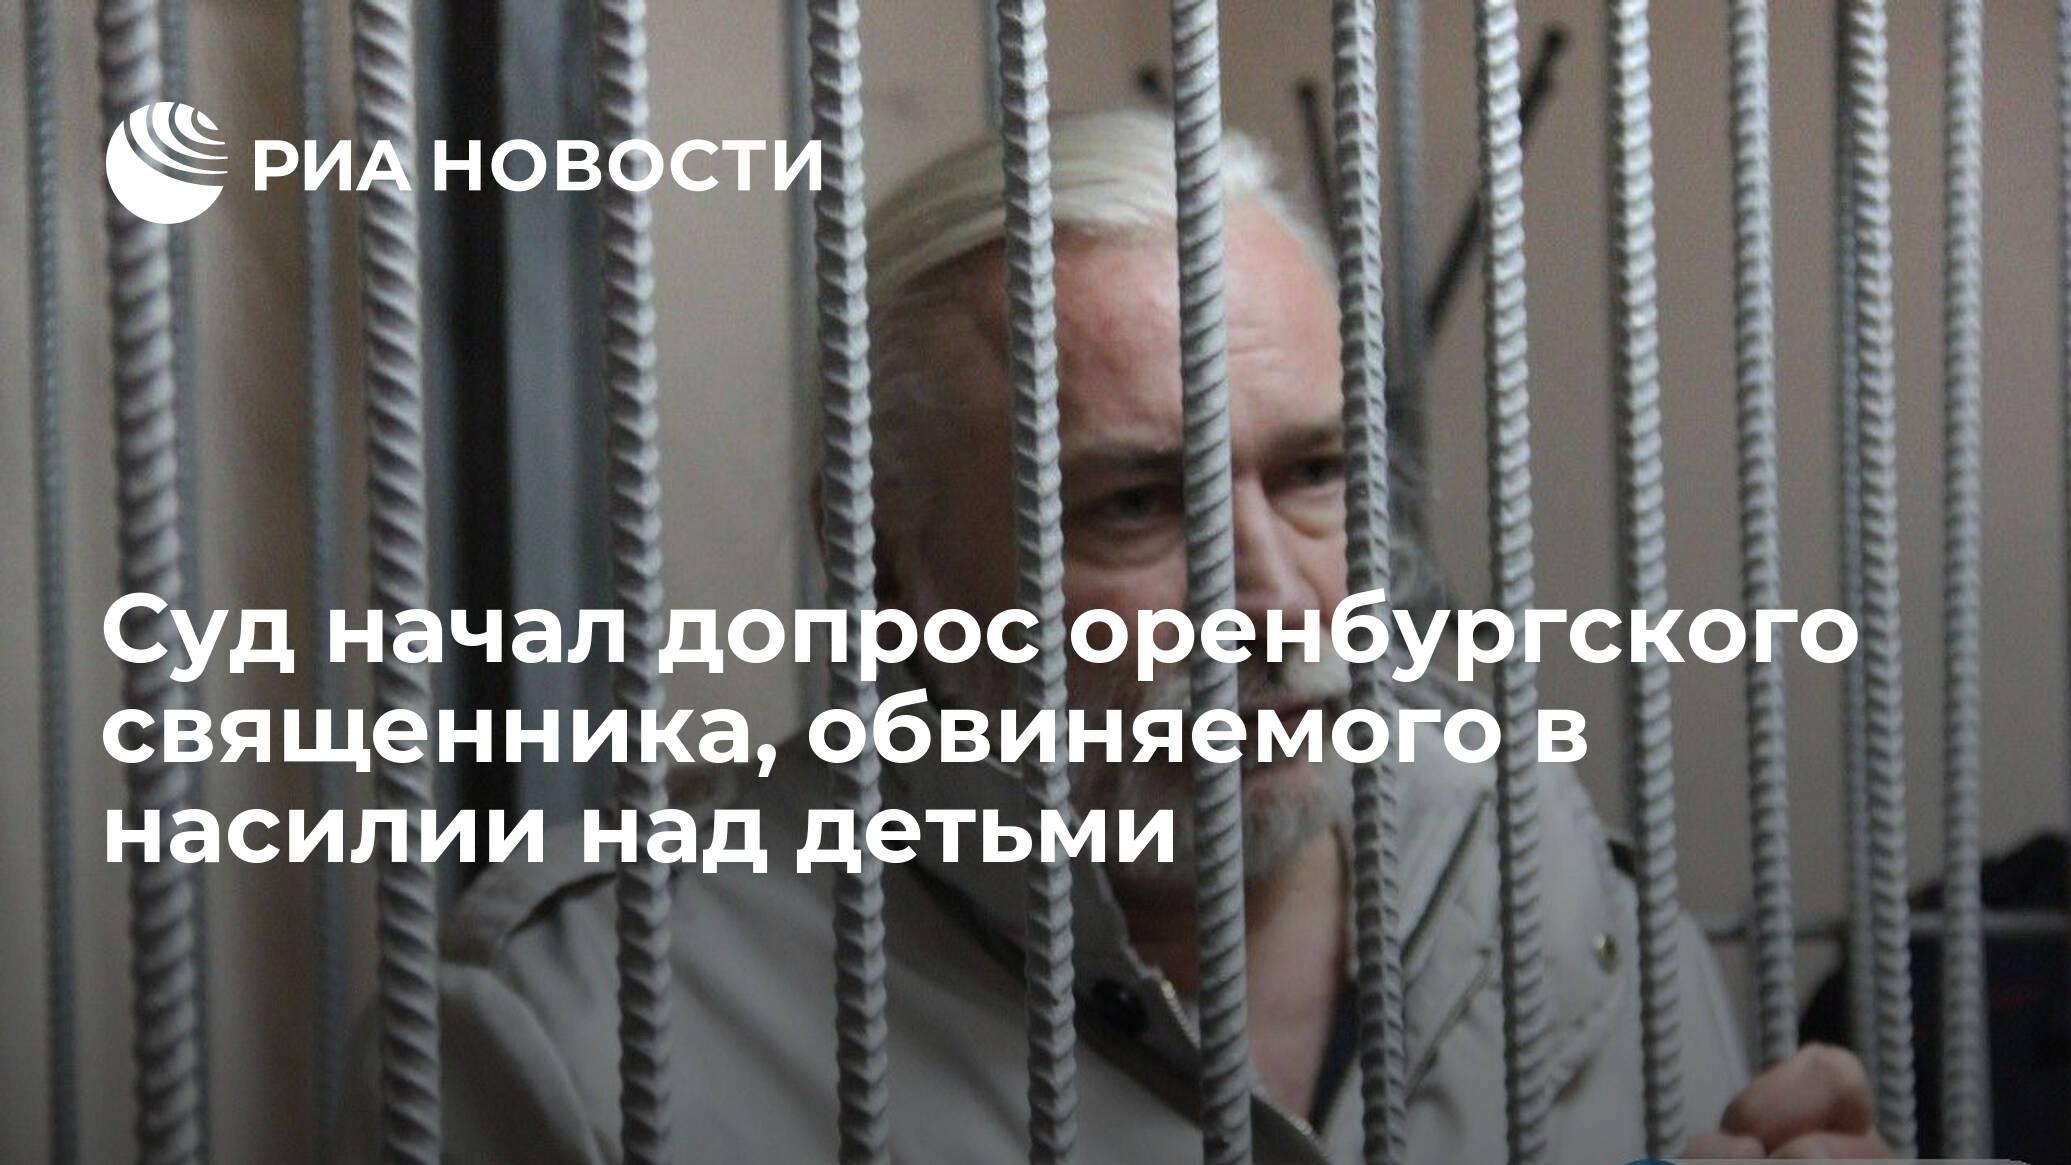 Суд начал допрос оренбургского священника, обвиняемого в насилии над детьми